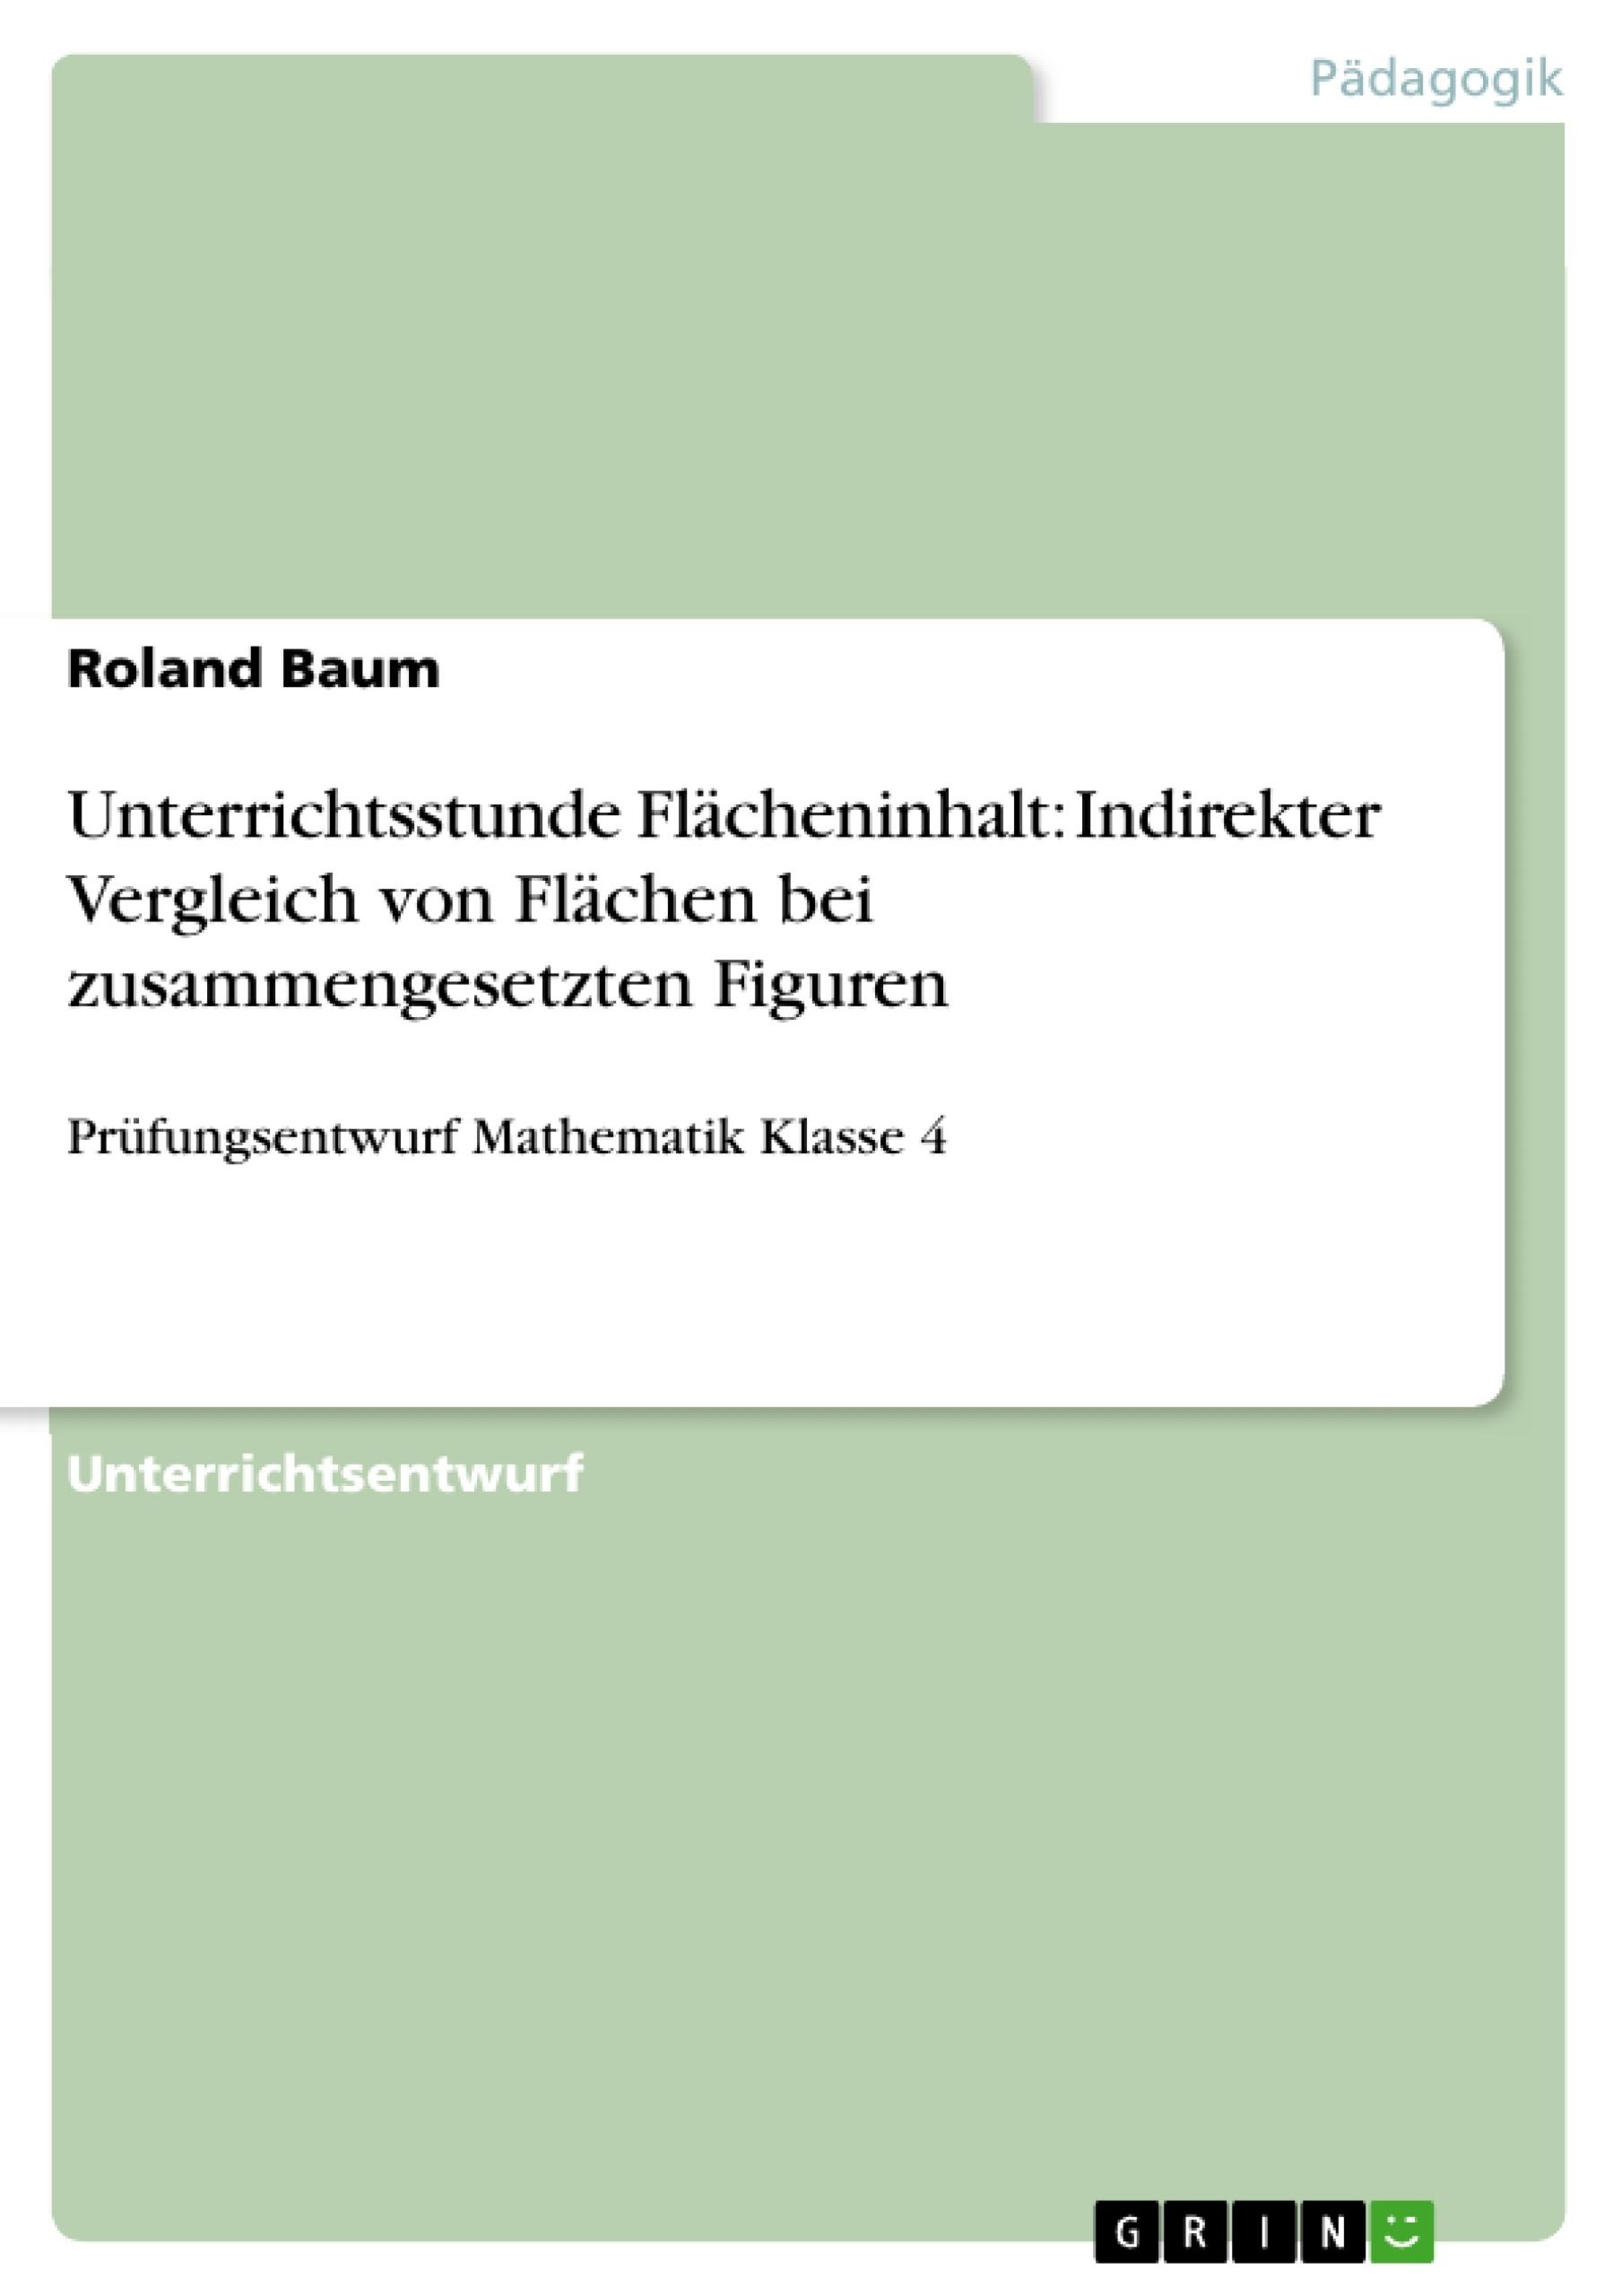 Titel: Unterrichtsstunde Flächeninhalt: Indirekter Vergleich von Flächen bei zusammengesetzten Figuren